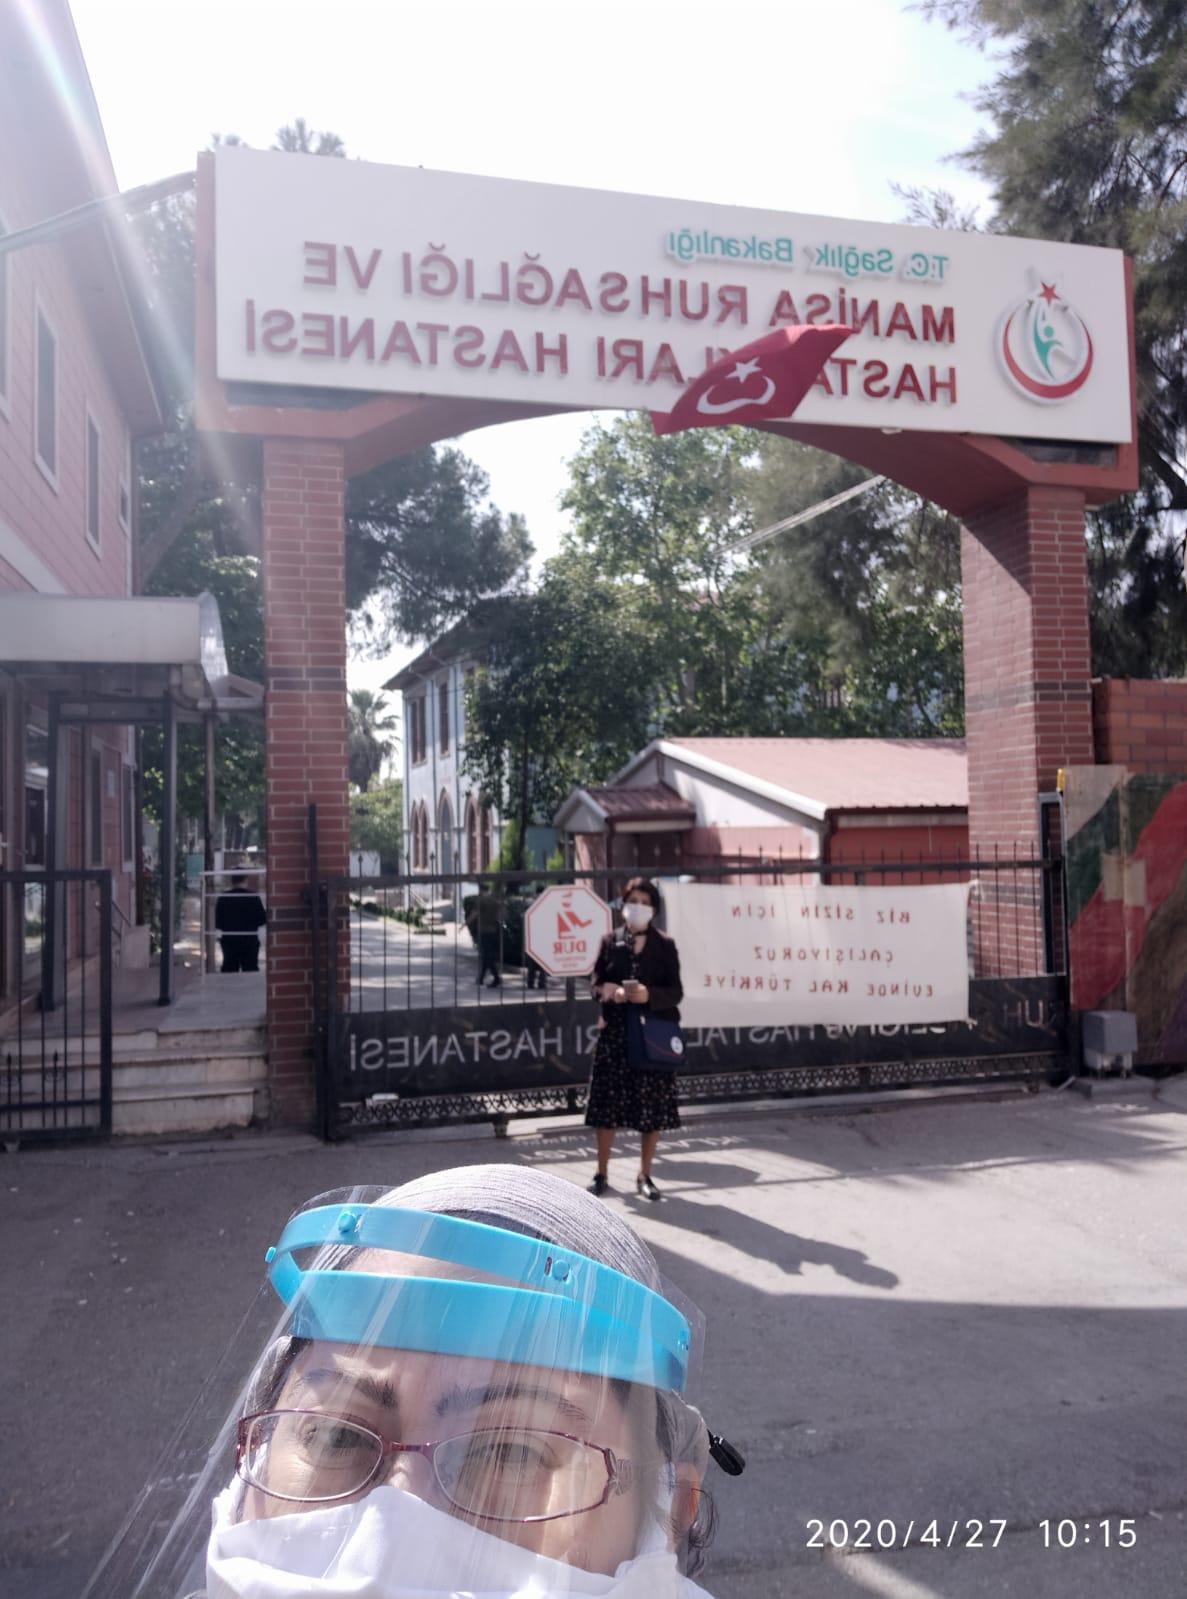 Manisa Ruh Sağlığı ve Hastalıkları Hastanesi Başhekimi Üyelerimizi Ziyarete Giden Şube Yöneticilerimizi Hastaneye Almadı